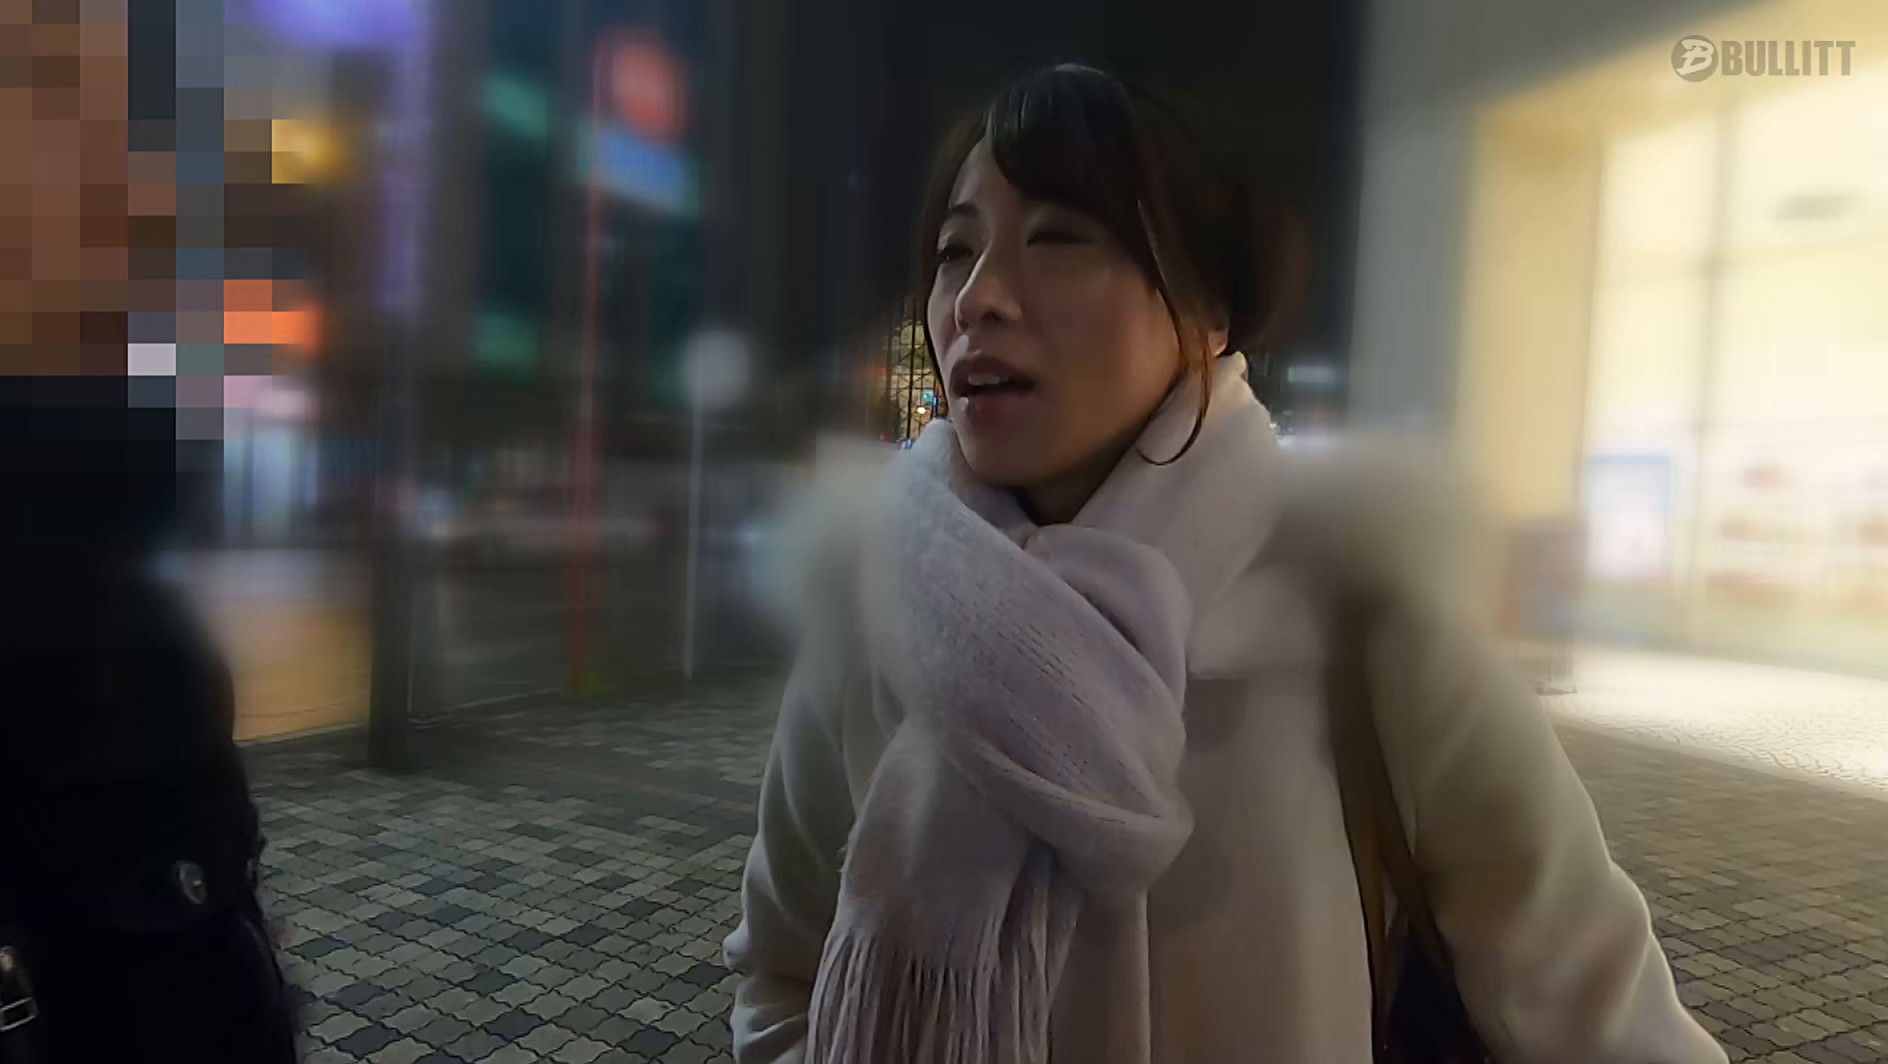 女子大生を泥●させてお持ち帰り!メキメキ生挿入ひぃひぃ呻くアナル姦! 4時間SP 画像1